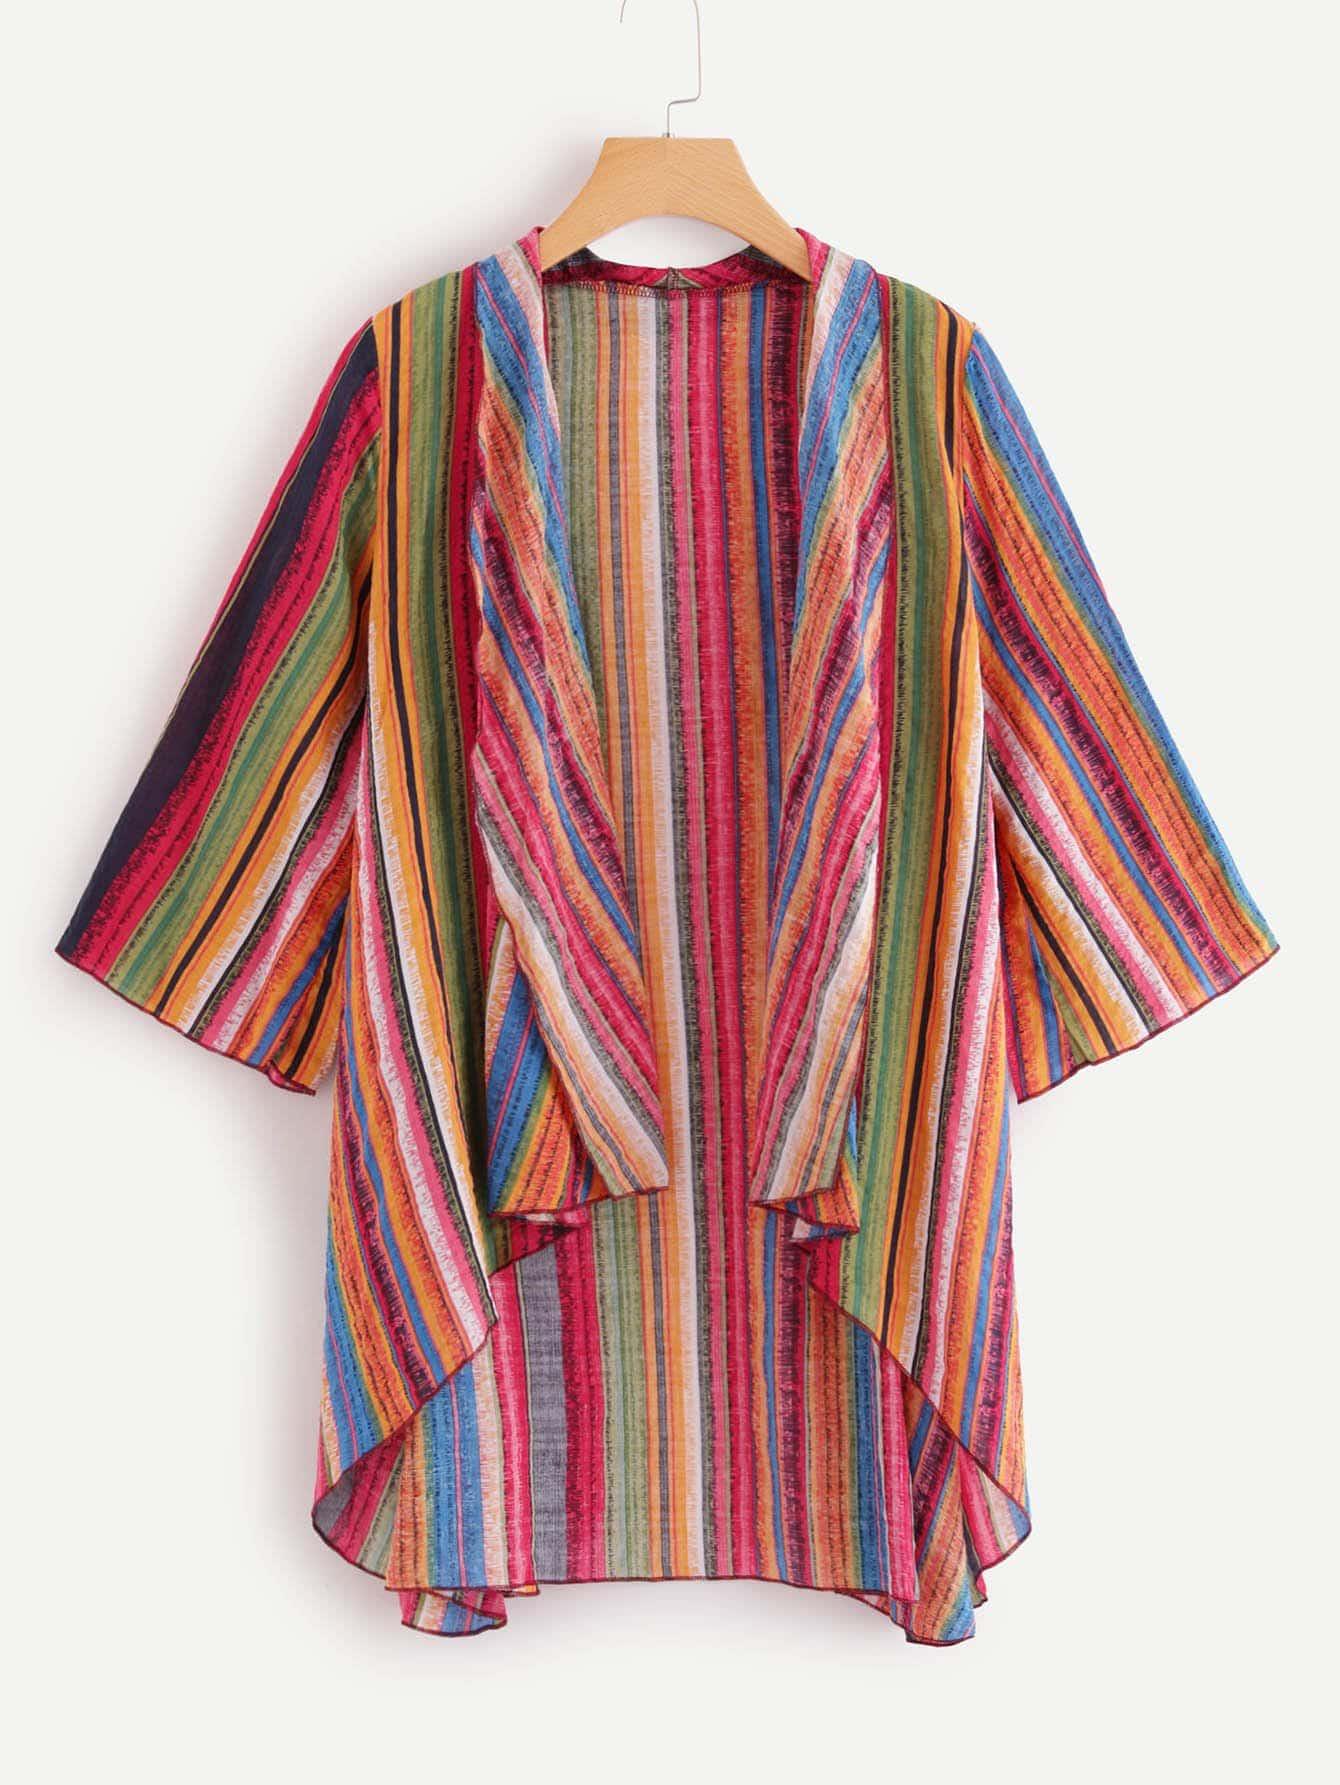 Striped Dip Hem Kimono медицина mad guy тейп кинезио rocktape design синий узор 5см х 5м